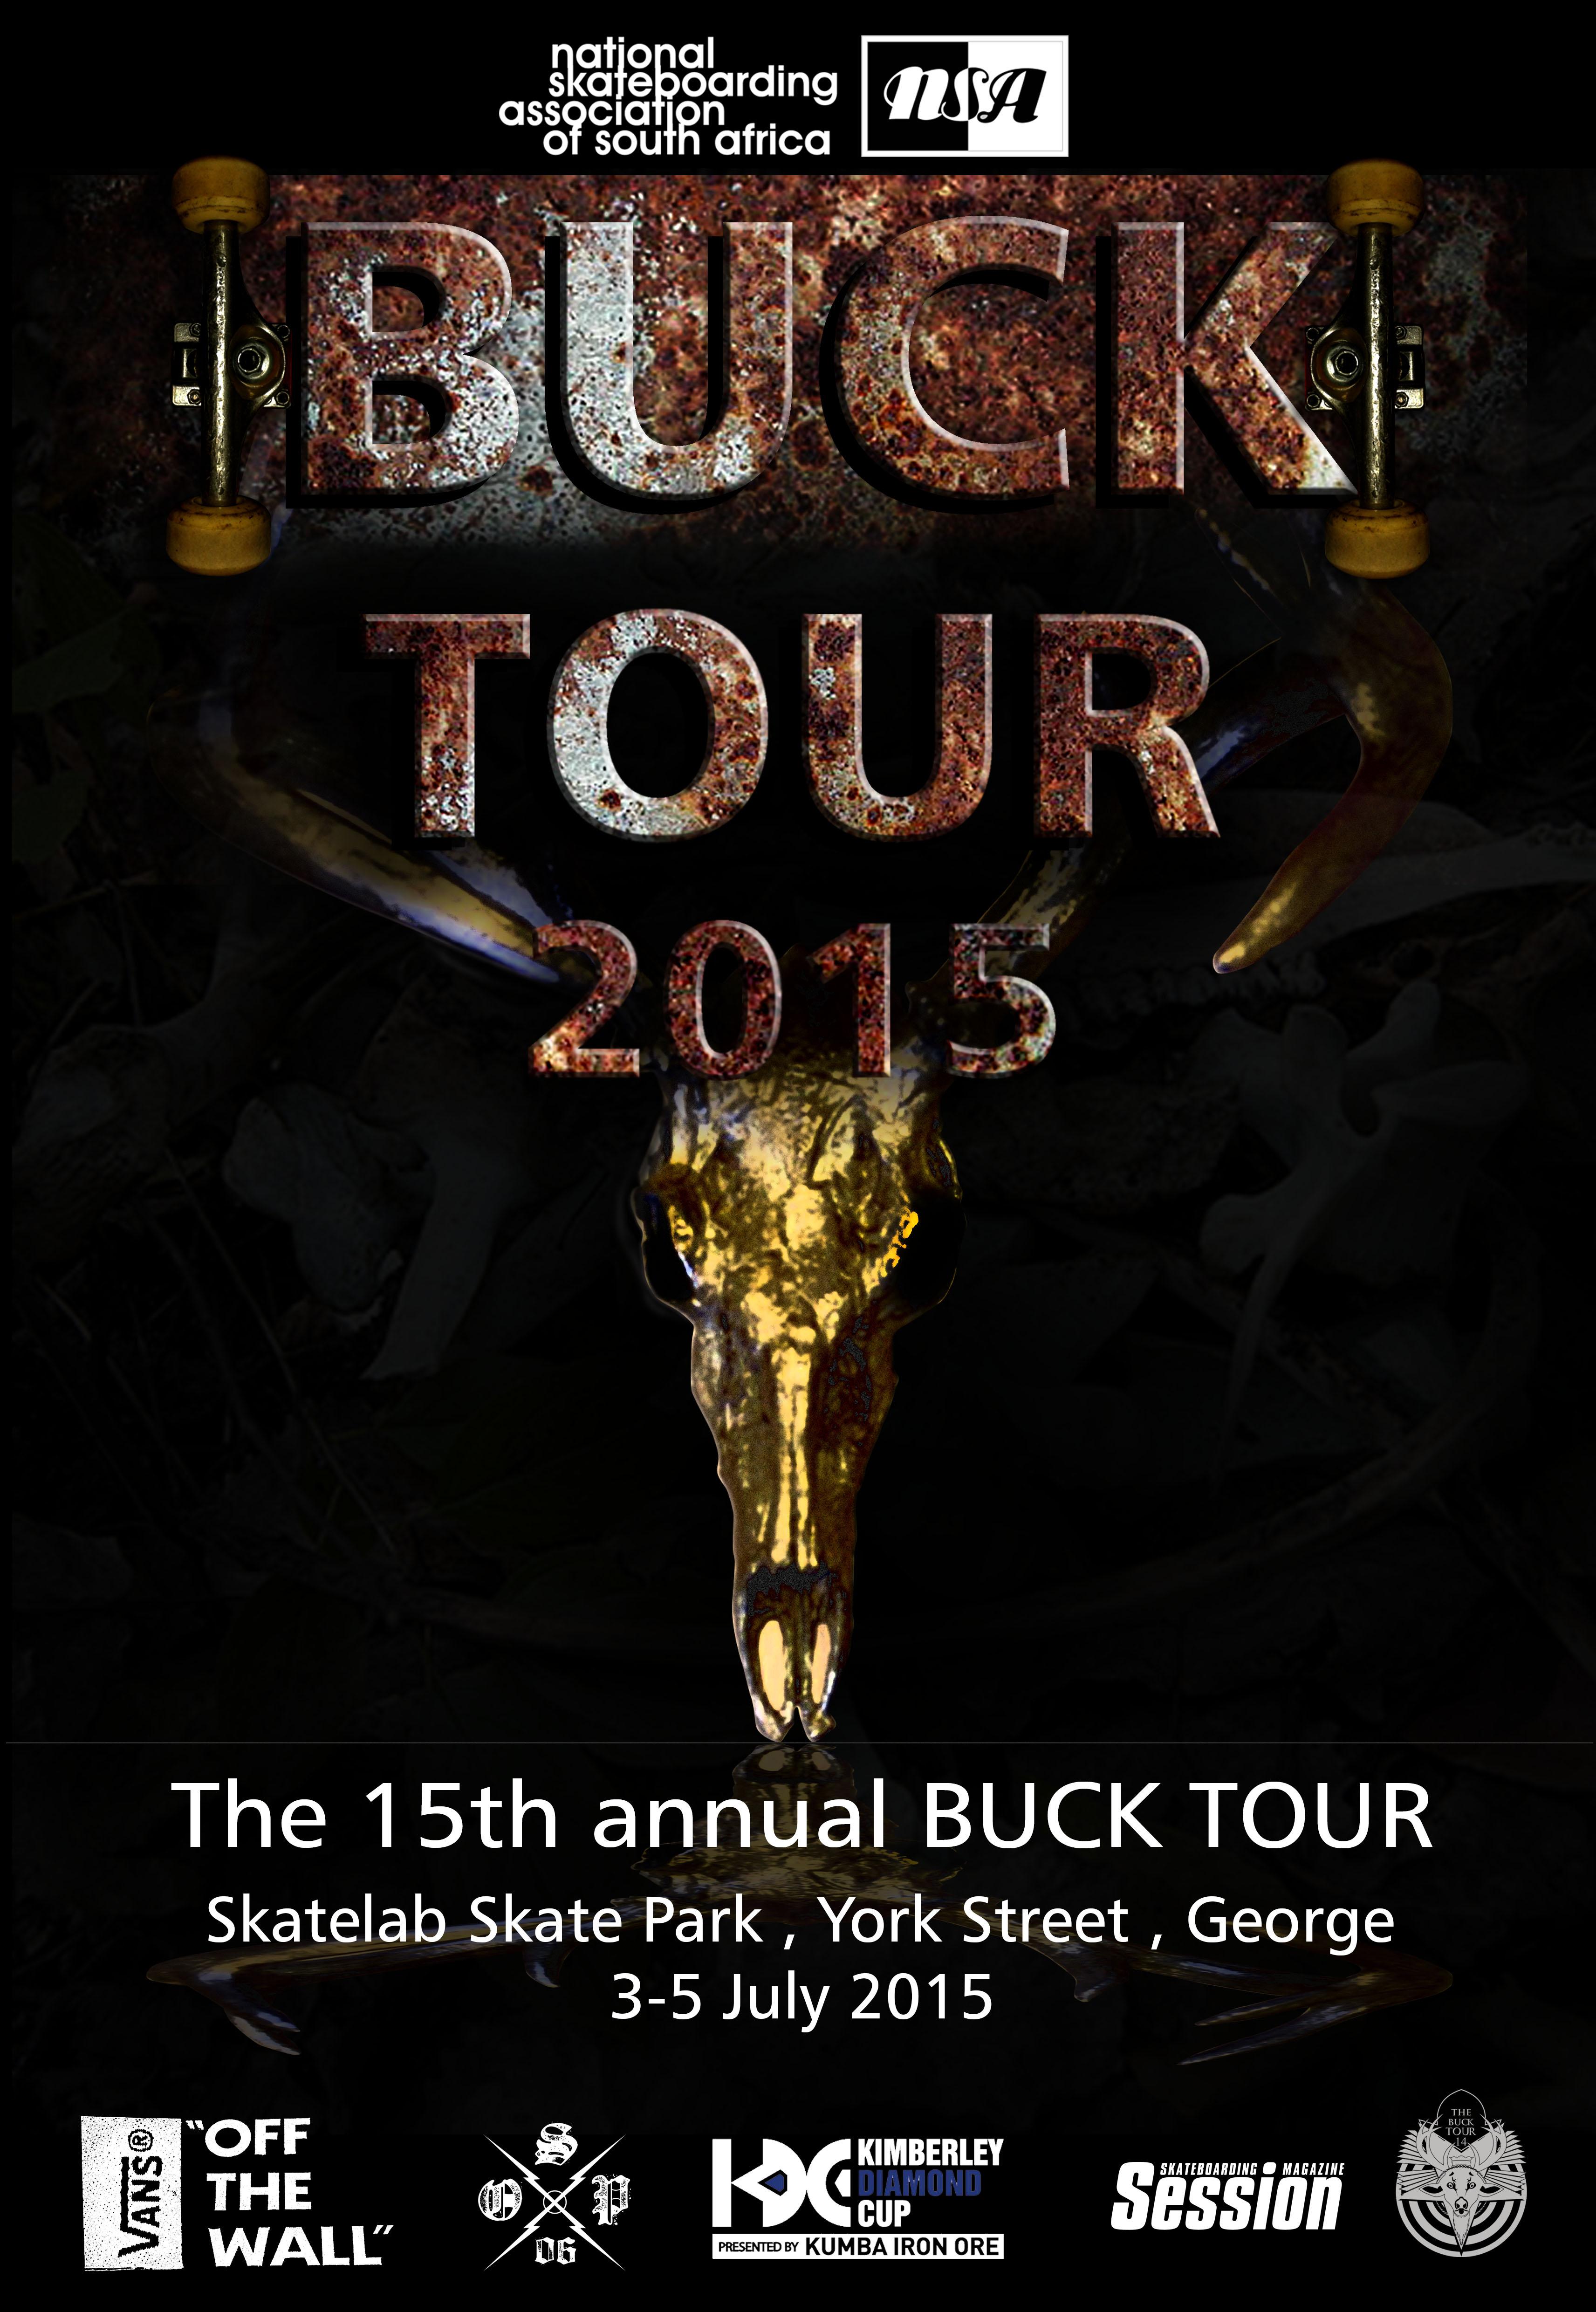 Buck tour 2015 final